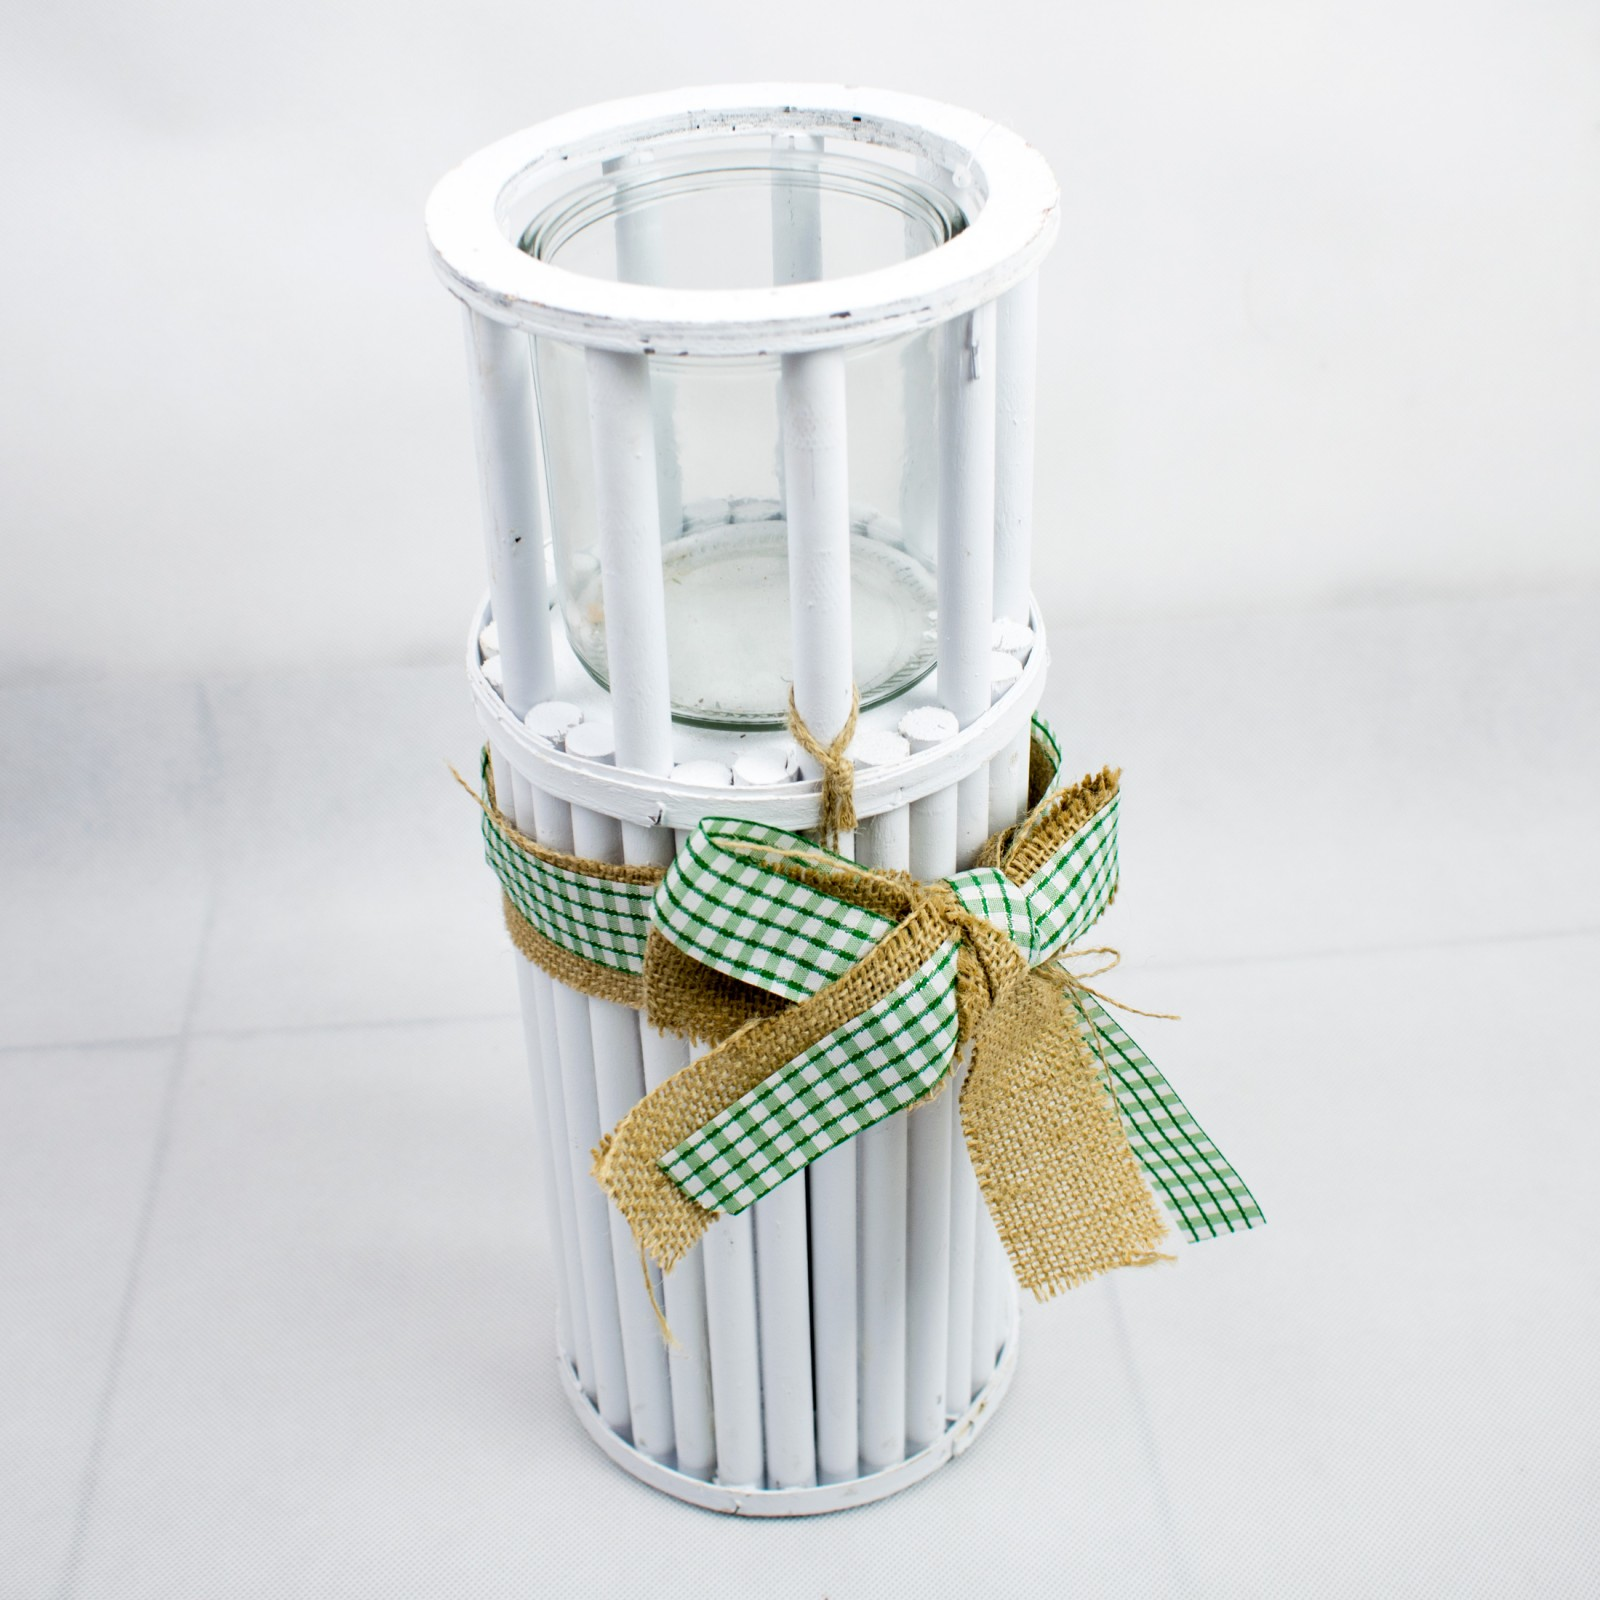 LAMPION DREWNIANIY OKRĄGŁY biały z ozdobną kokardą